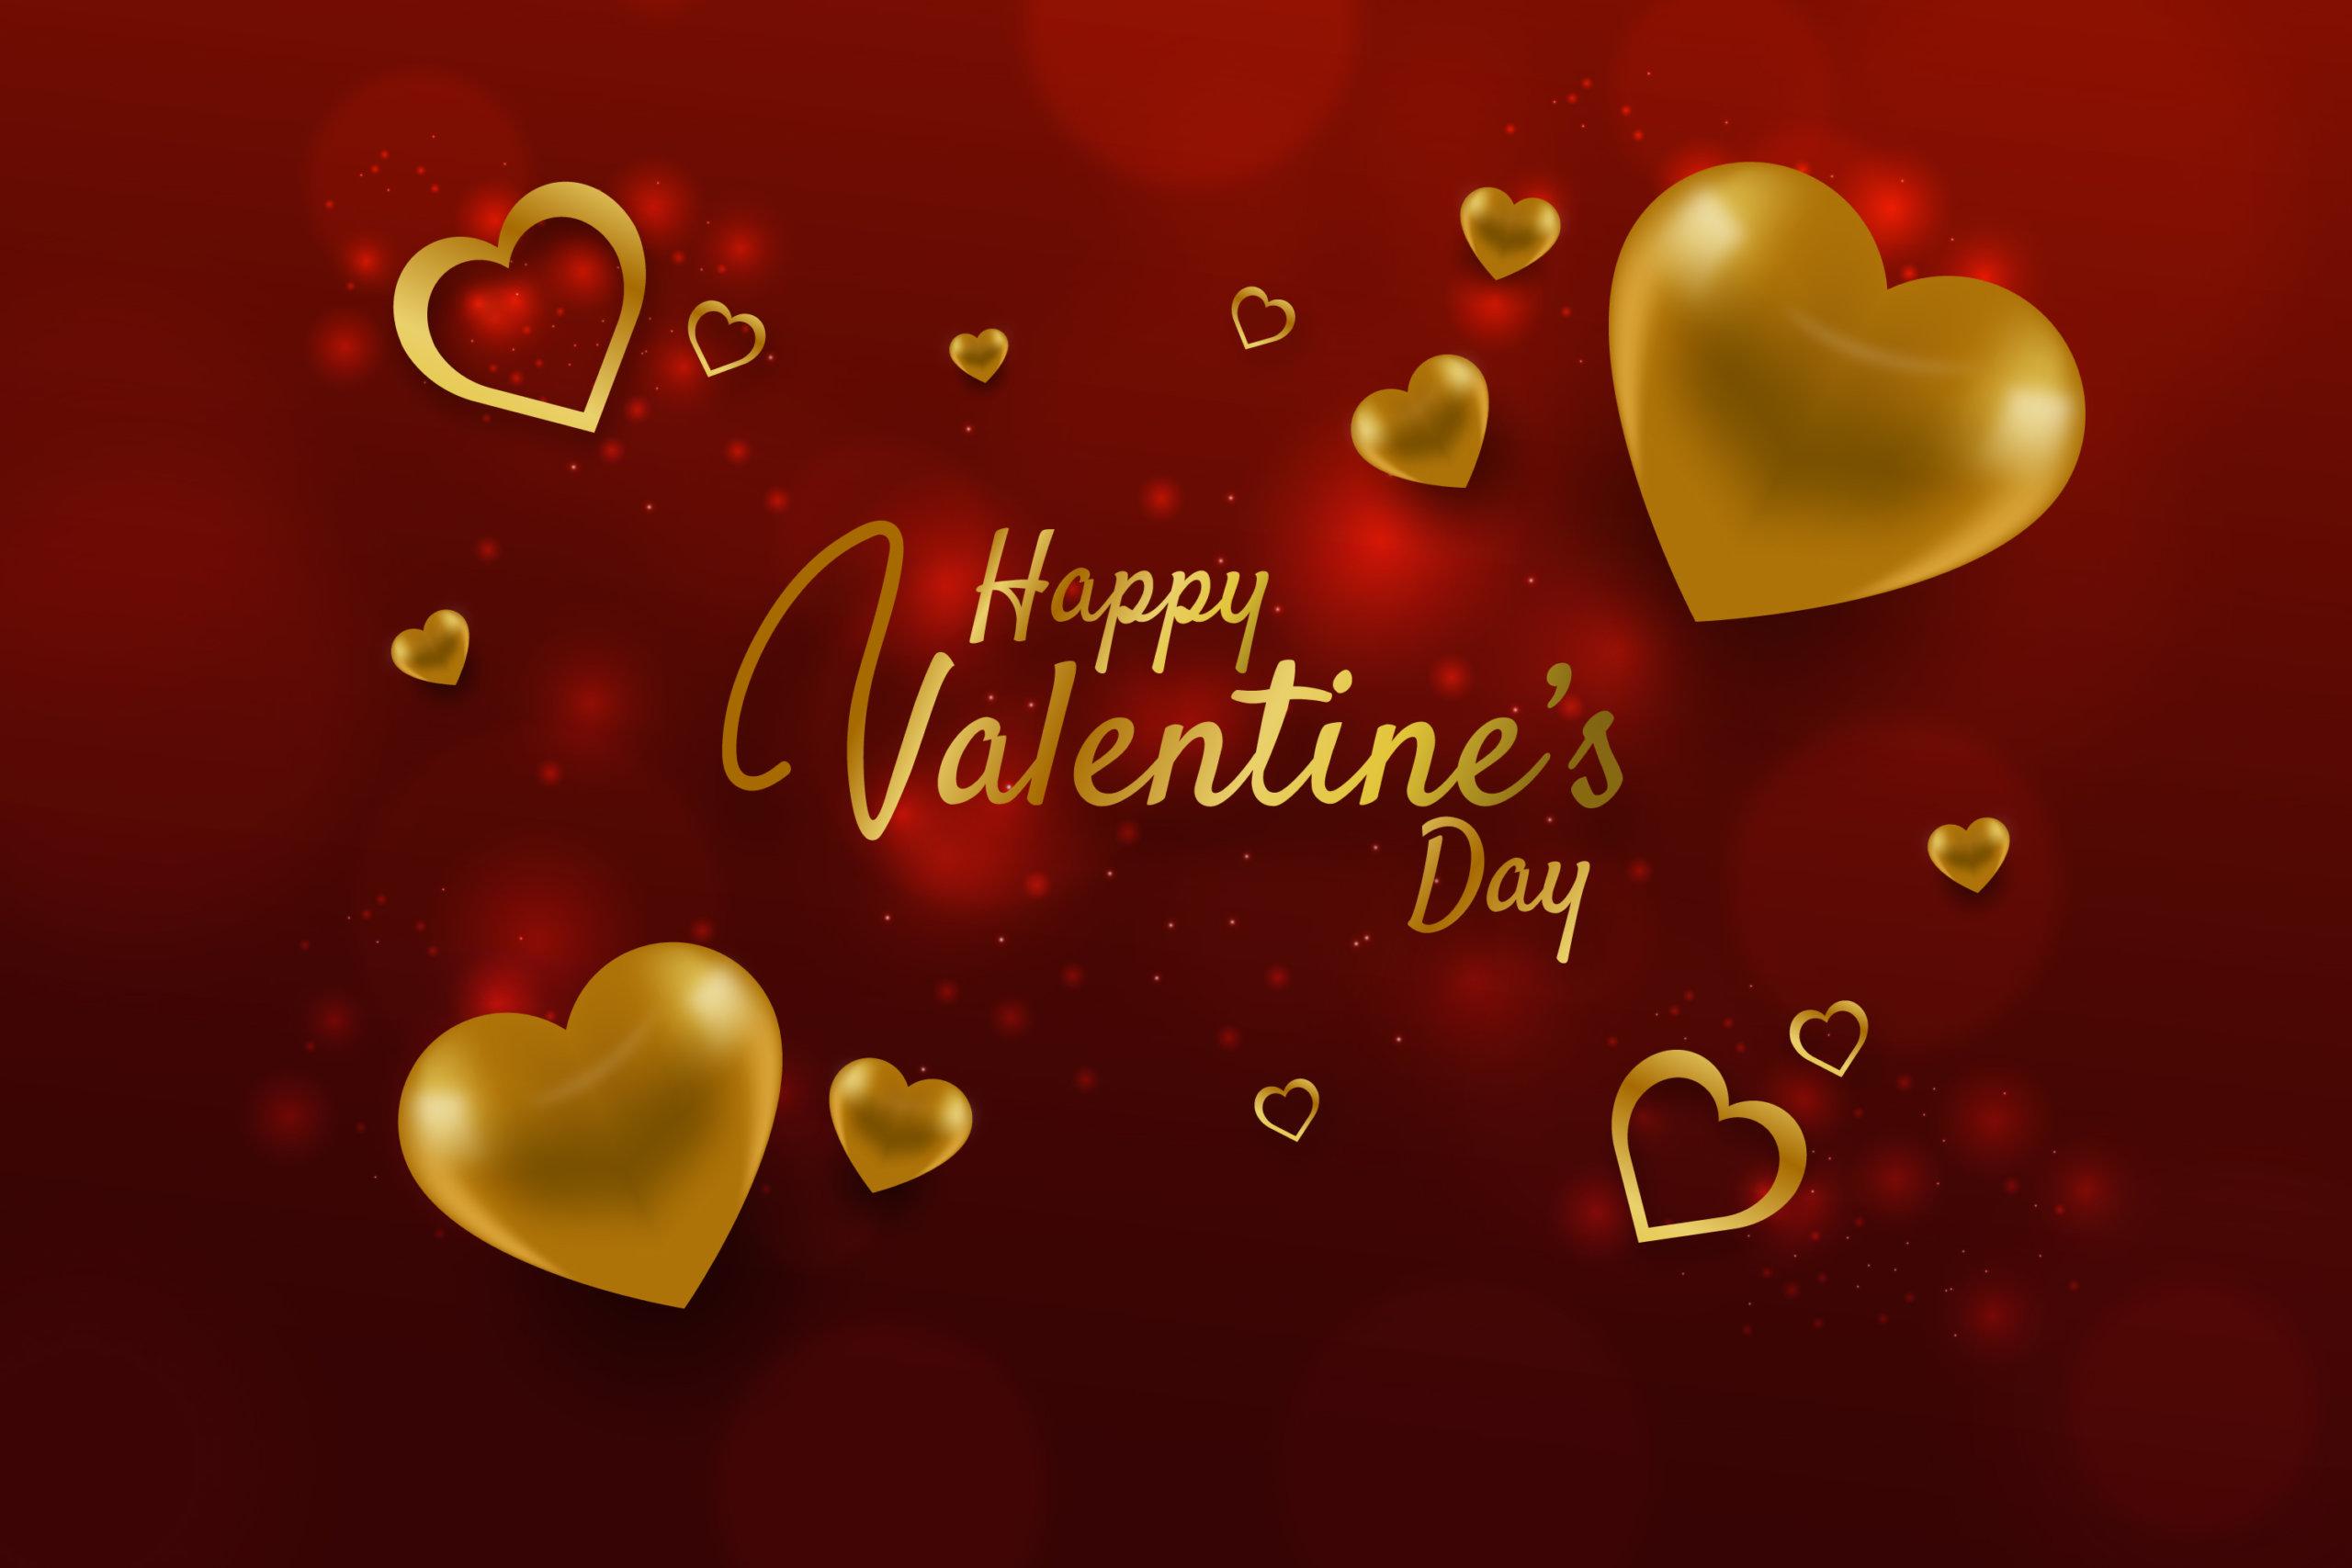 16款七夕节情人节爱心心形公益慈善海报传单AI设计素材 Valentines Day Love Promotion Poster插图6